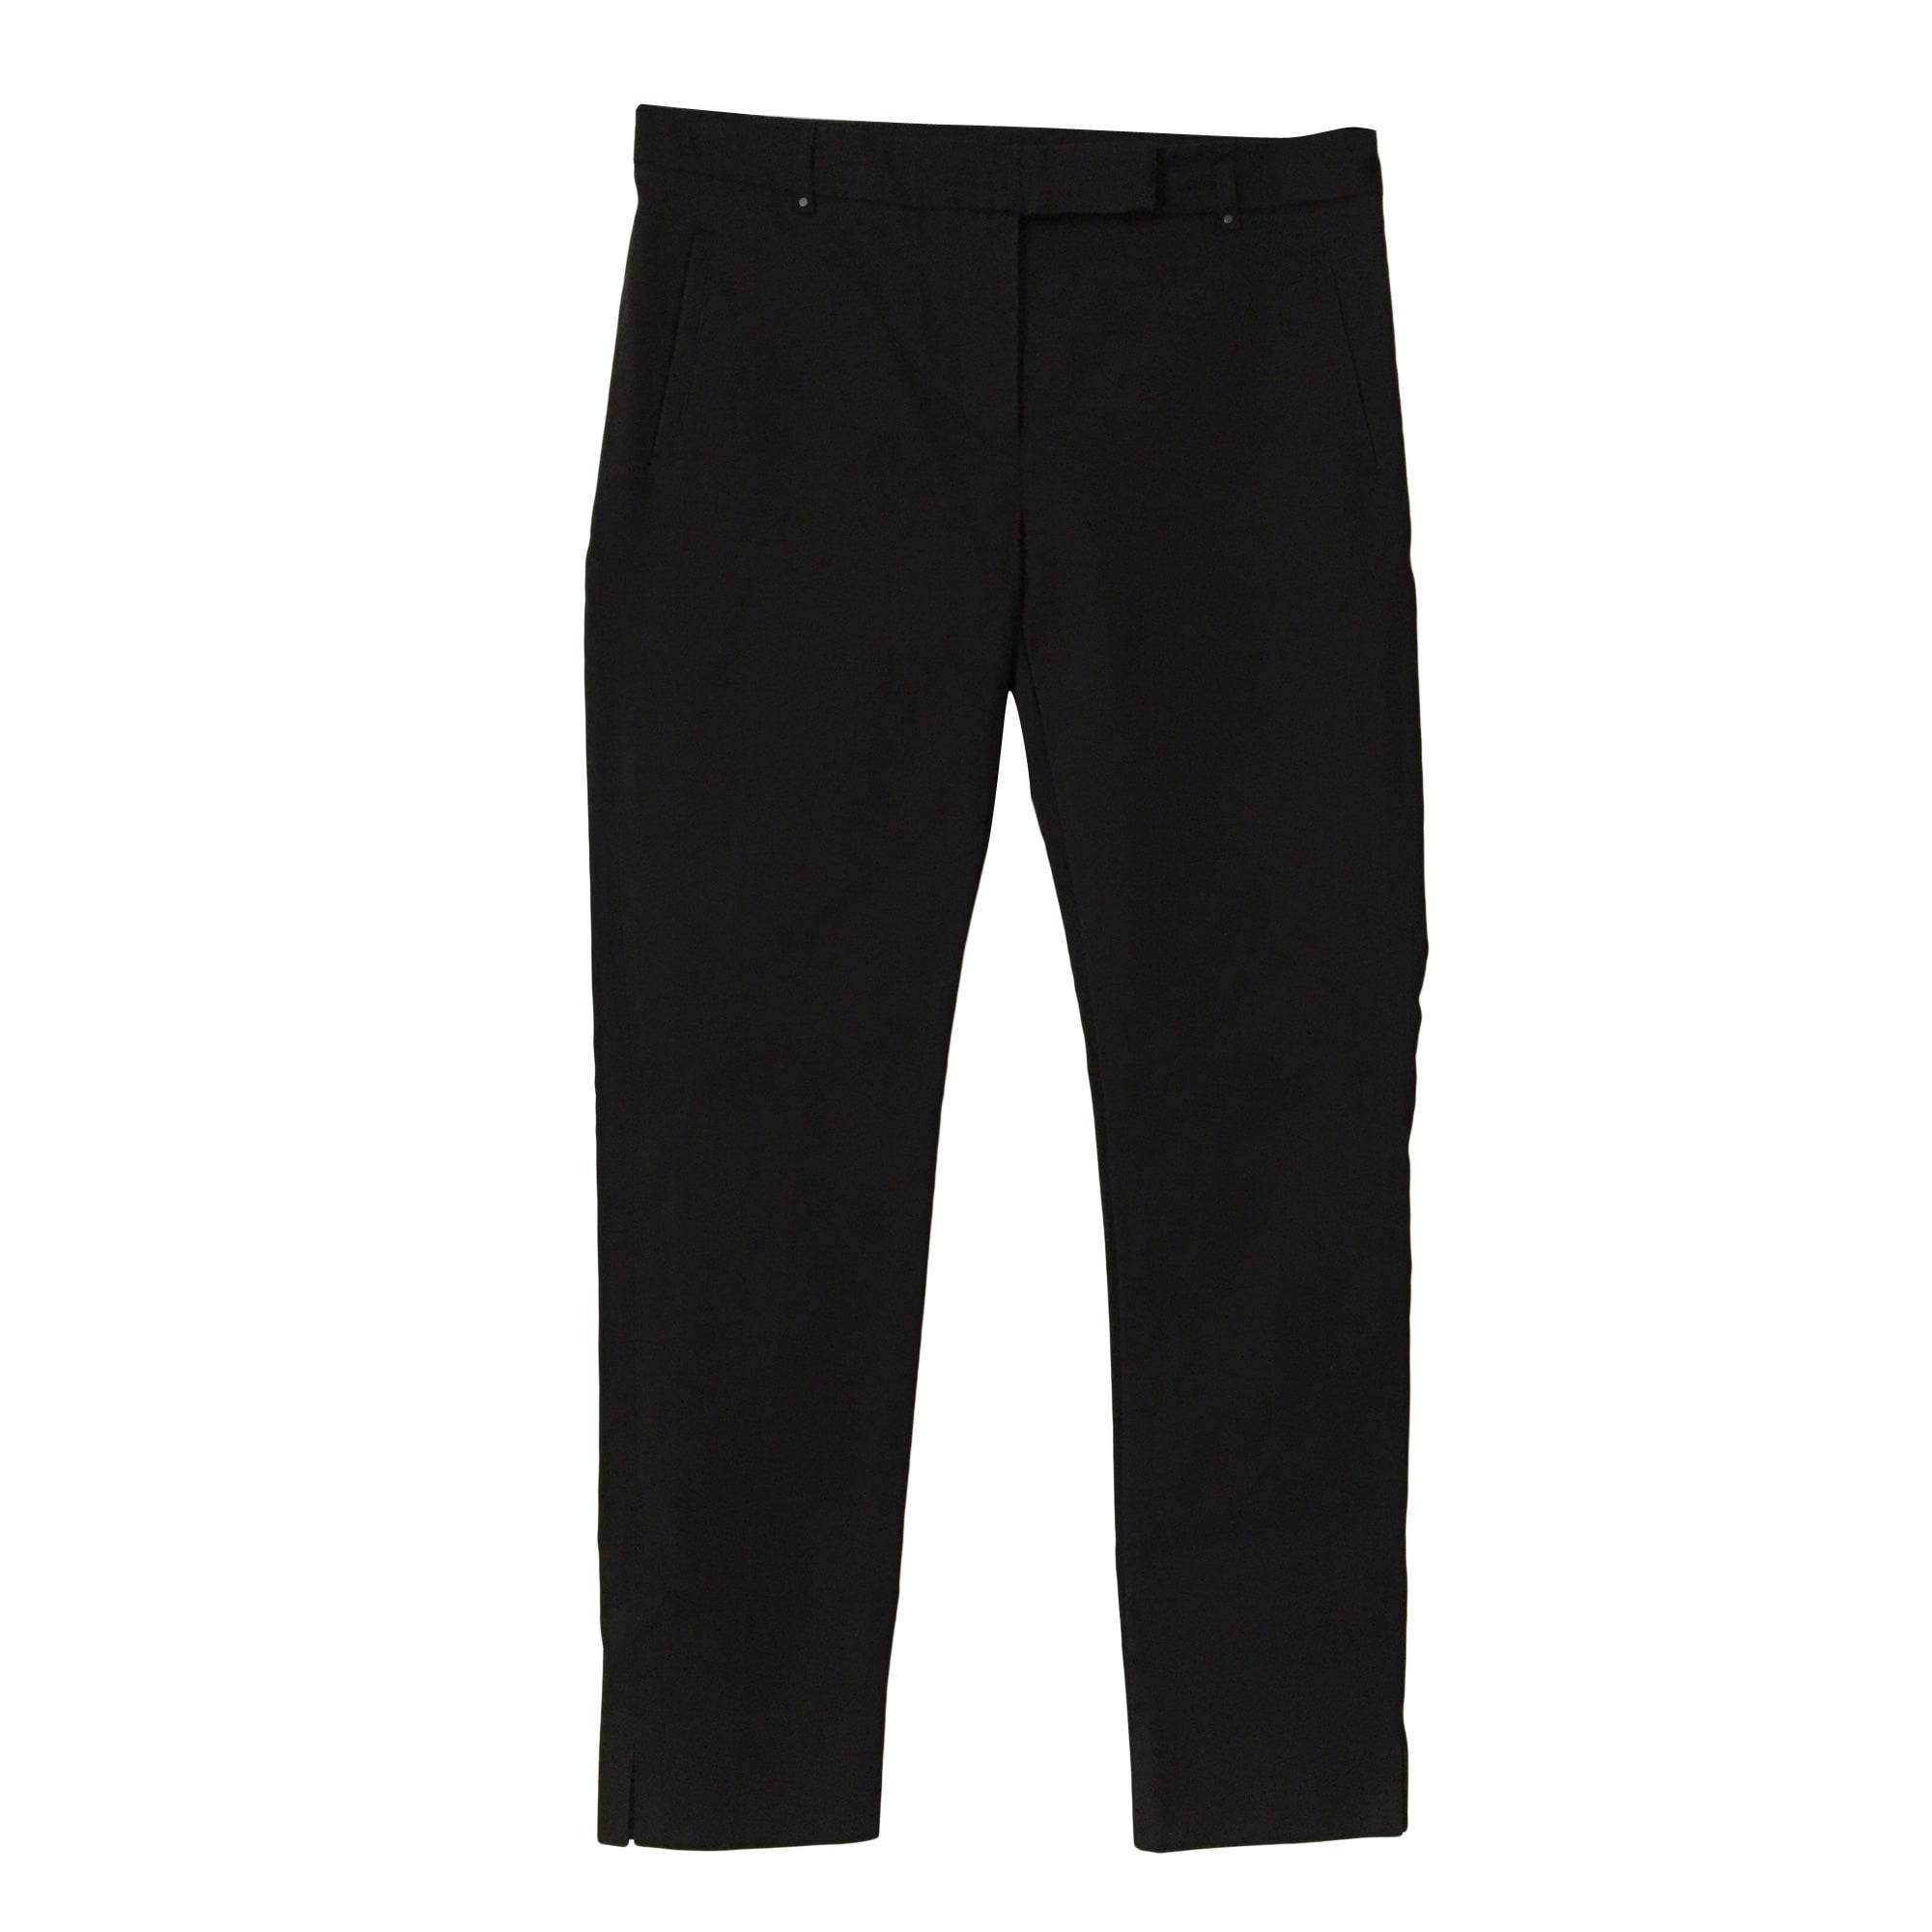 Pantalon slim, cigarette GERARD DAREL Noir